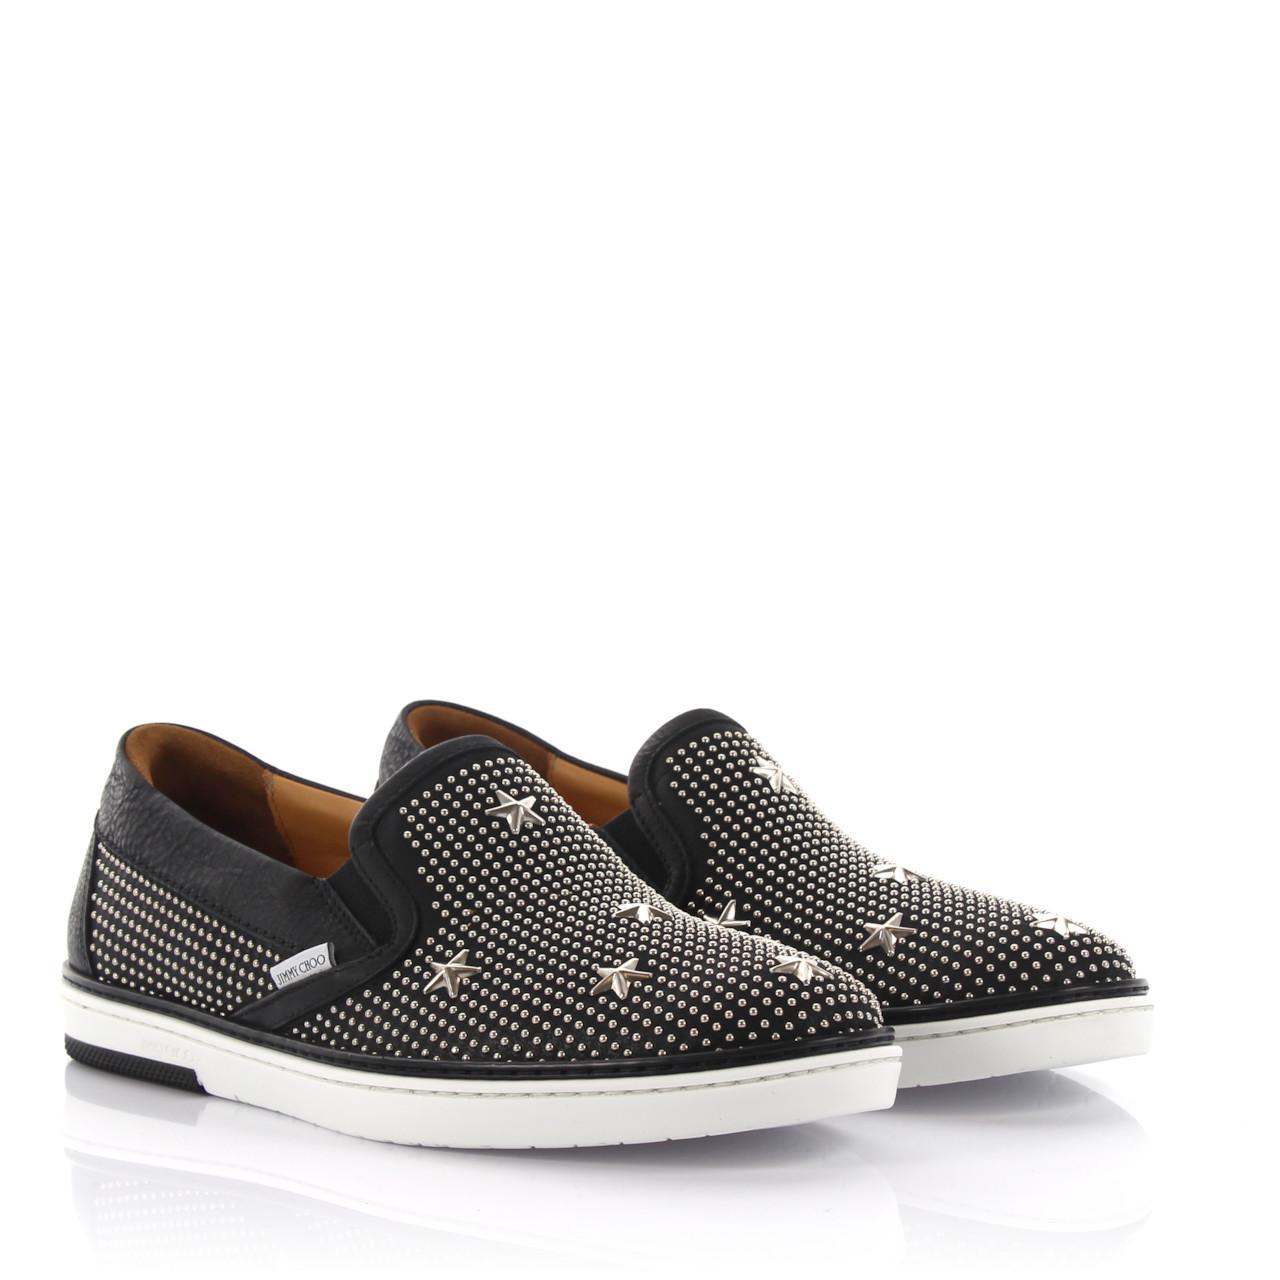 Jimmy choo Men's Grove Star Embellished Slip-On Sneaker